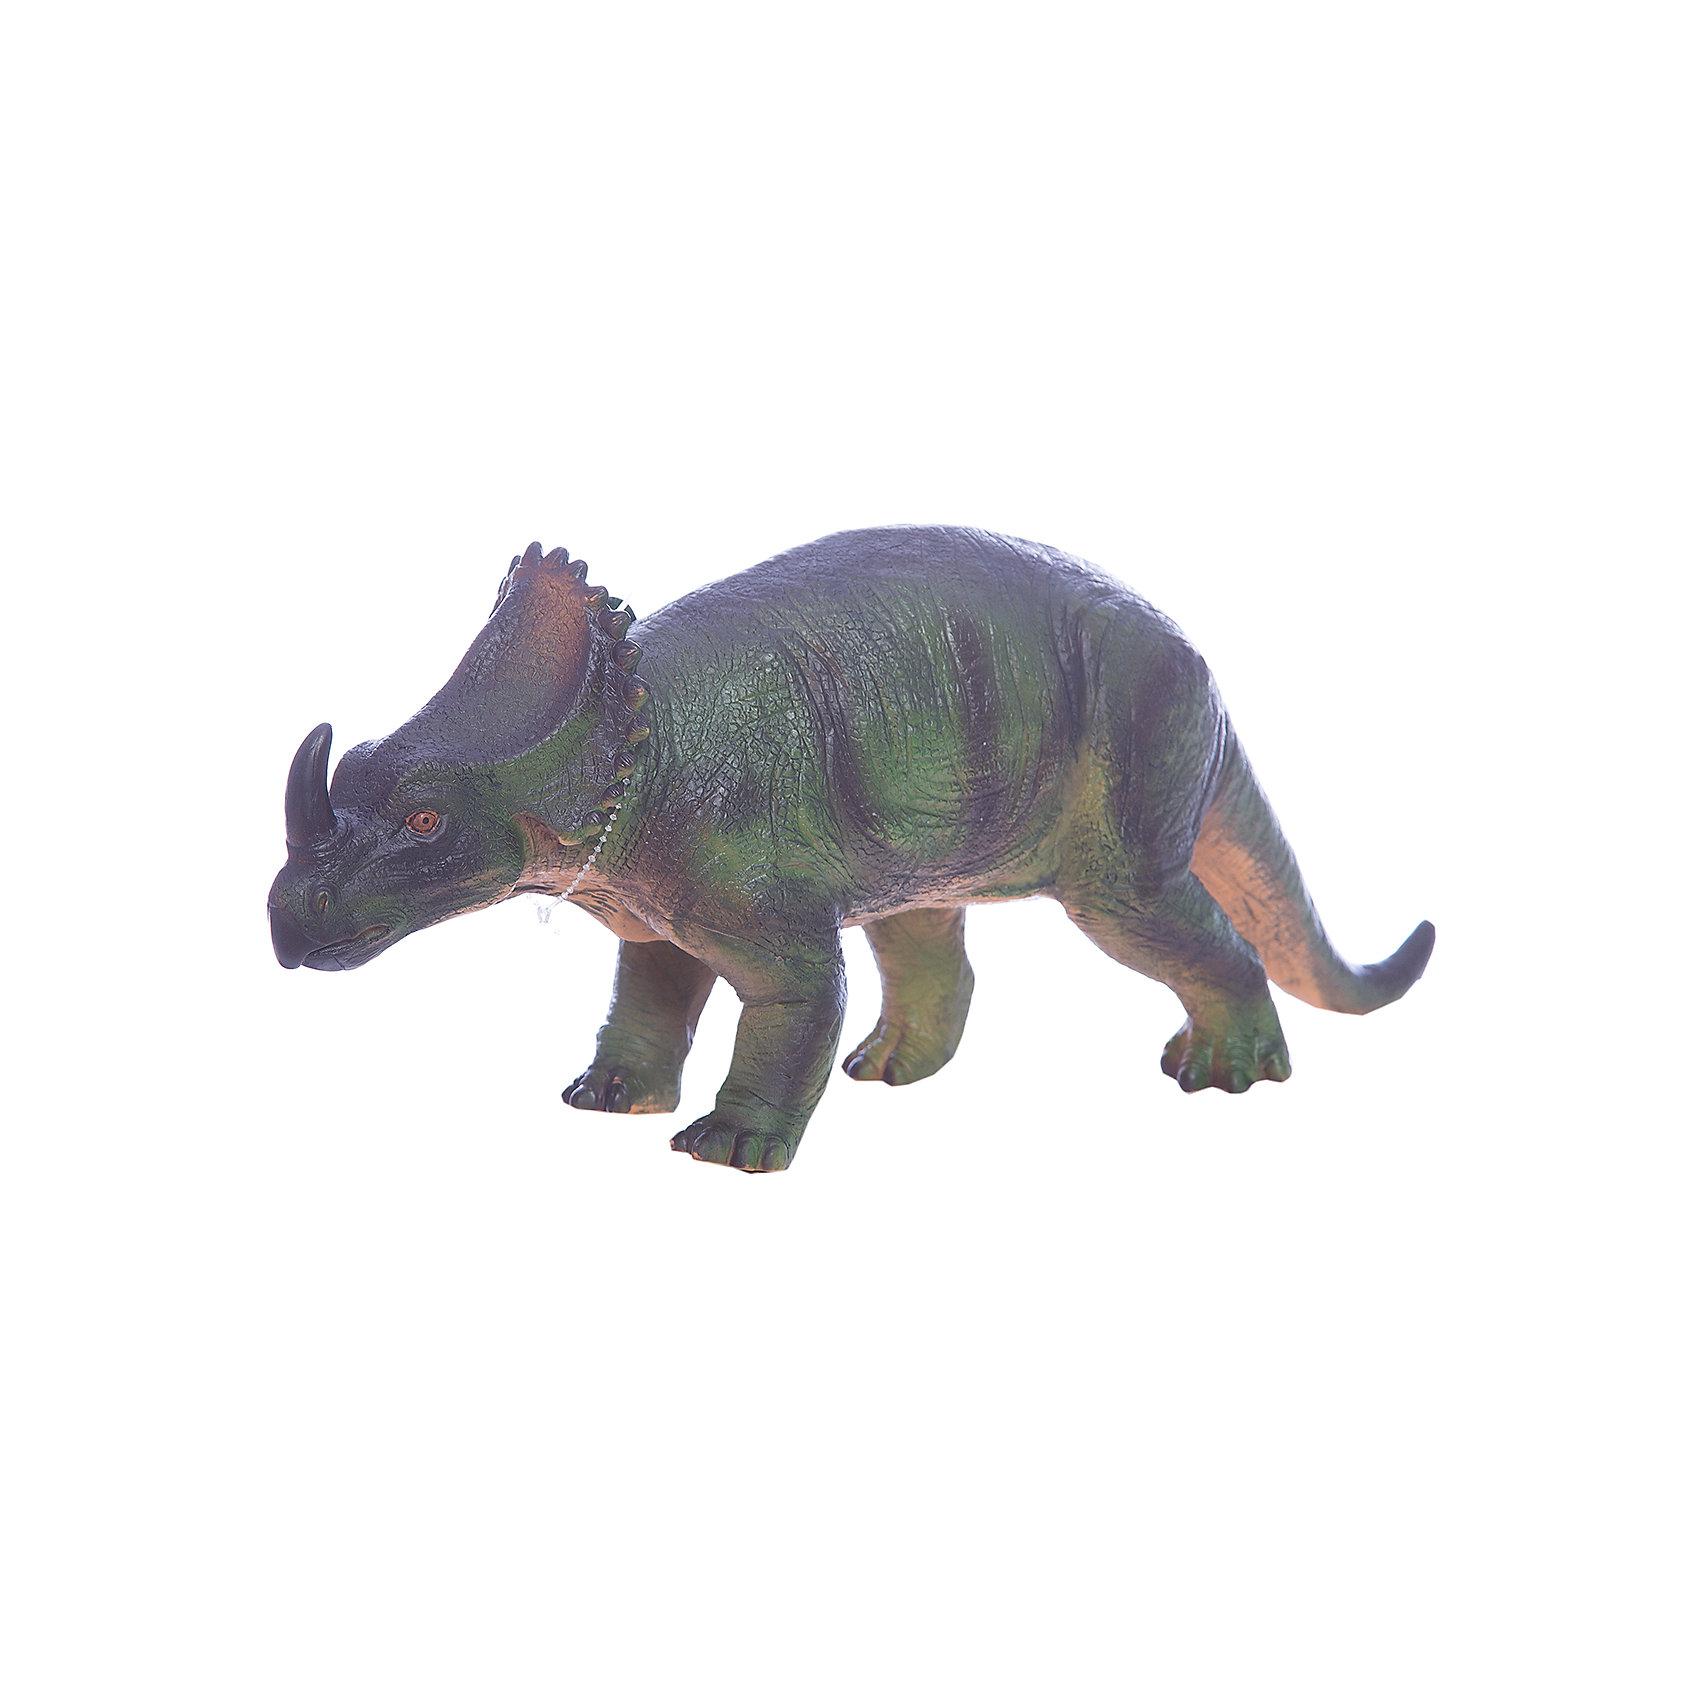 Фигурка динозавра Центрозавр, HGLДинозавры и драконы<br>Детей всех возрастов привлекают фильмы и рассказы о доисторических временах и чудесных динозаврах, населявших Землю до возникновения человека. Подстегните фантазию юного любителя древностей - подарите ему динозавра из серии игрушек HGL. Специалисты компании создавали игрушки максимально похожими на своих прародителей, поэтому динозавры HGL такие интересные. Центрозавр - фигурка травоядного доисторического ящера средних размеров, существовавшего на Земле около 80 миллионов лет назад. Он достигал в длину 6 метров, а челюсть его оканчивалась массивным клювом, благодаря которому Центрозавр мог откусывать ветки. Центрозавр передвигался на четырех лапах и имел костный воротник вокруг шеи, который помогал ему не стать легкой добычей для хищников. Центрозавр знаменит большим рогом над челюстью, придающим ему особое сходство с современным носорогом. При помощи рогов небольшие травоядные динозавры, сбивавшиеся в стада, отлично защищались от набегов гигантских хищников. Ребенок будет в восторге от такой замечательной фигурки. Массивный динозавр сделан из мягкого ПВХ безопасного для детей. Внушительные размеры и отличная детализация Центрозавра помогут ребенку окунуться в далекий и такой манящий доисторический мир, полный приключений.<br><br>Дополнительная информация:<br><br>- Внешний вид фигурки основан на реальных данных палеонтологов;<br>- Материал: ПВХ;<br>- Размер фигурки: 40 см;<br>- Размер упаковки: 43 х 17,5 х 15 см;<br>- Вес: 750 г<br><br>Фигурку динозавра Центрозавр, HGL можно купить в нашем интернет-магазине.<br><br>Ширина мм: 430<br>Глубина мм: 175<br>Высота мм: 150<br>Вес г: 750<br>Возраст от месяцев: 36<br>Возраст до месяцев: 192<br>Пол: Унисекс<br>Возраст: Детский<br>SKU: 4135943